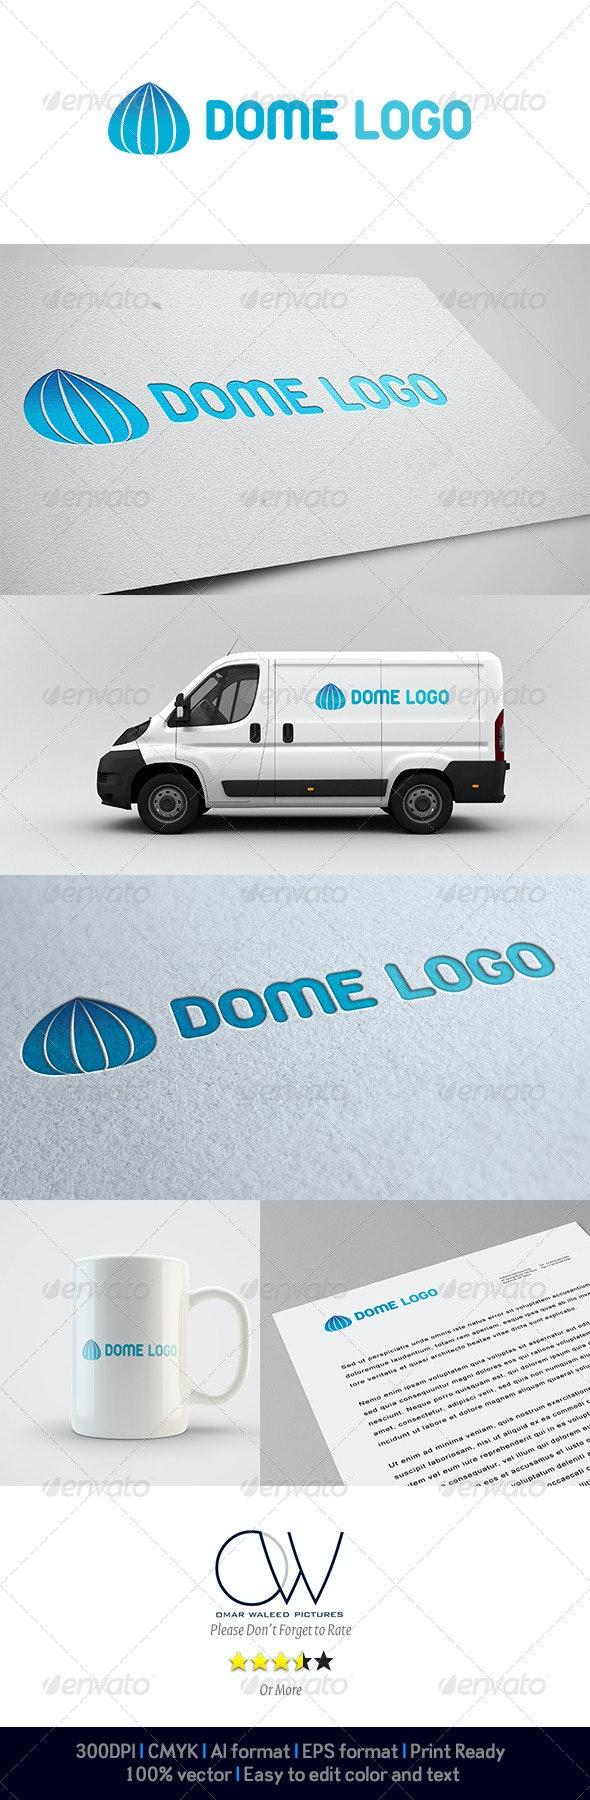 Dome Logo - Abstract Logo Templates